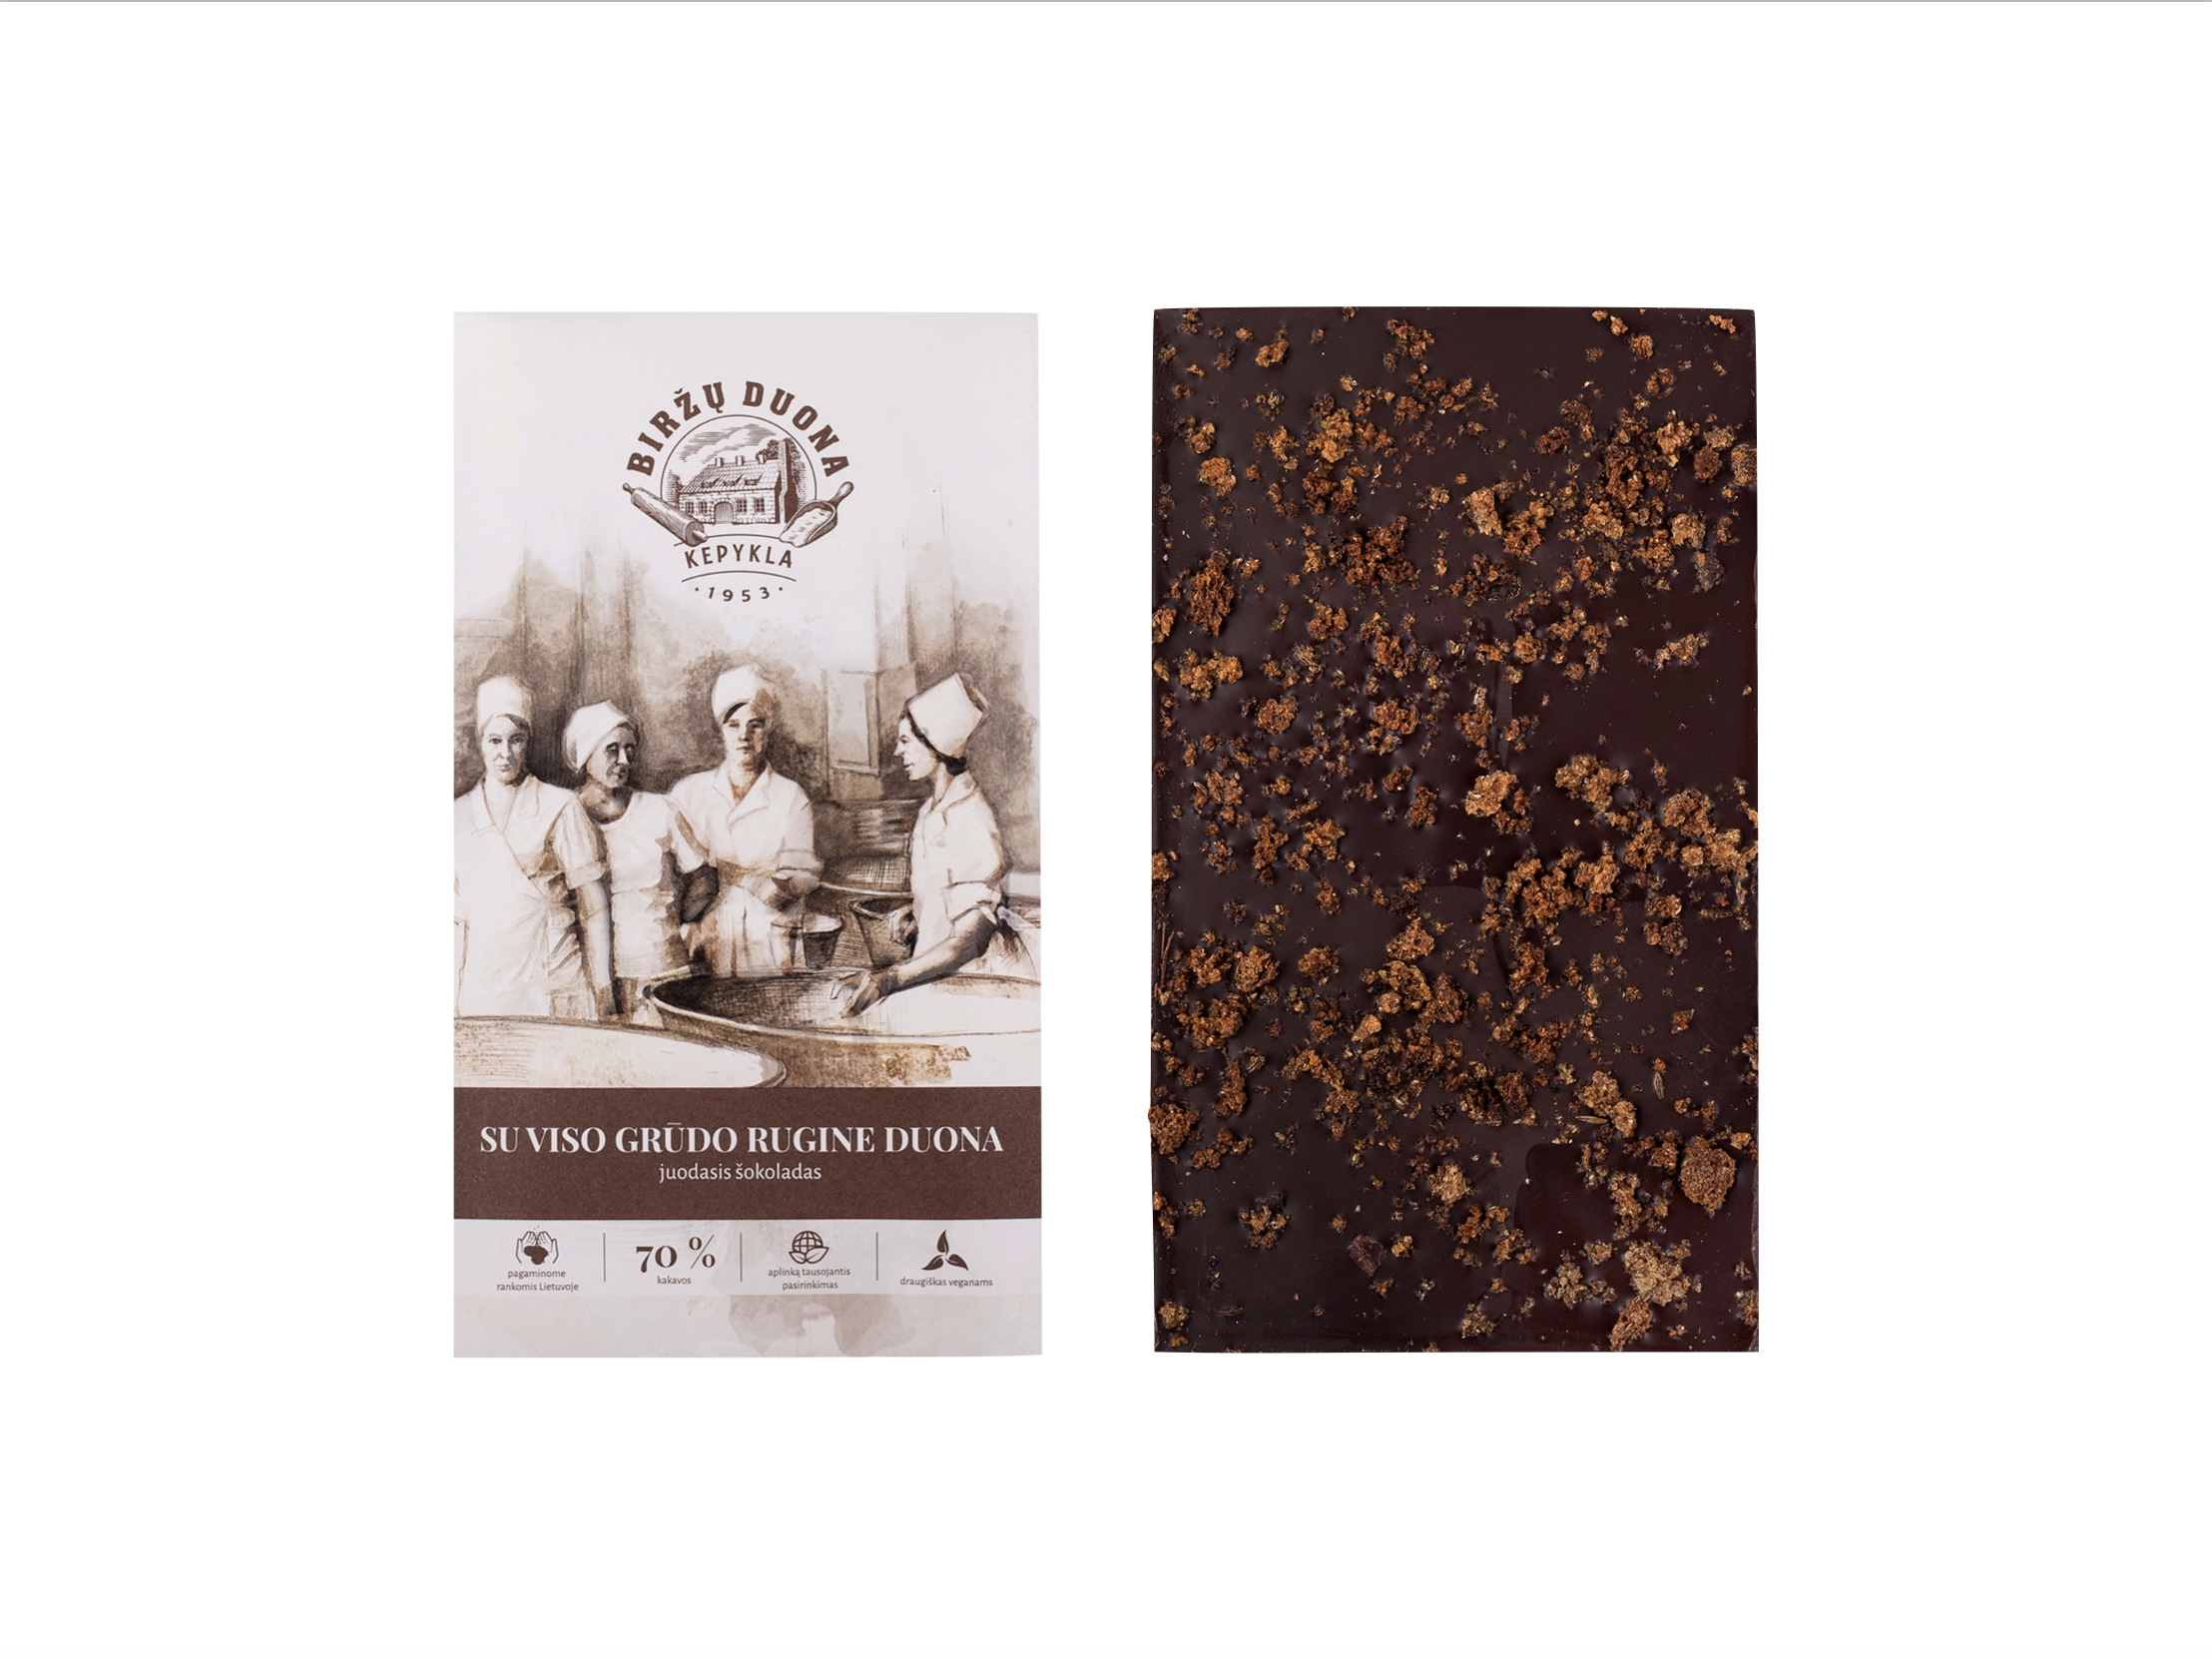 Juodasis šokoladas 70% su viso grūdo rugine duona